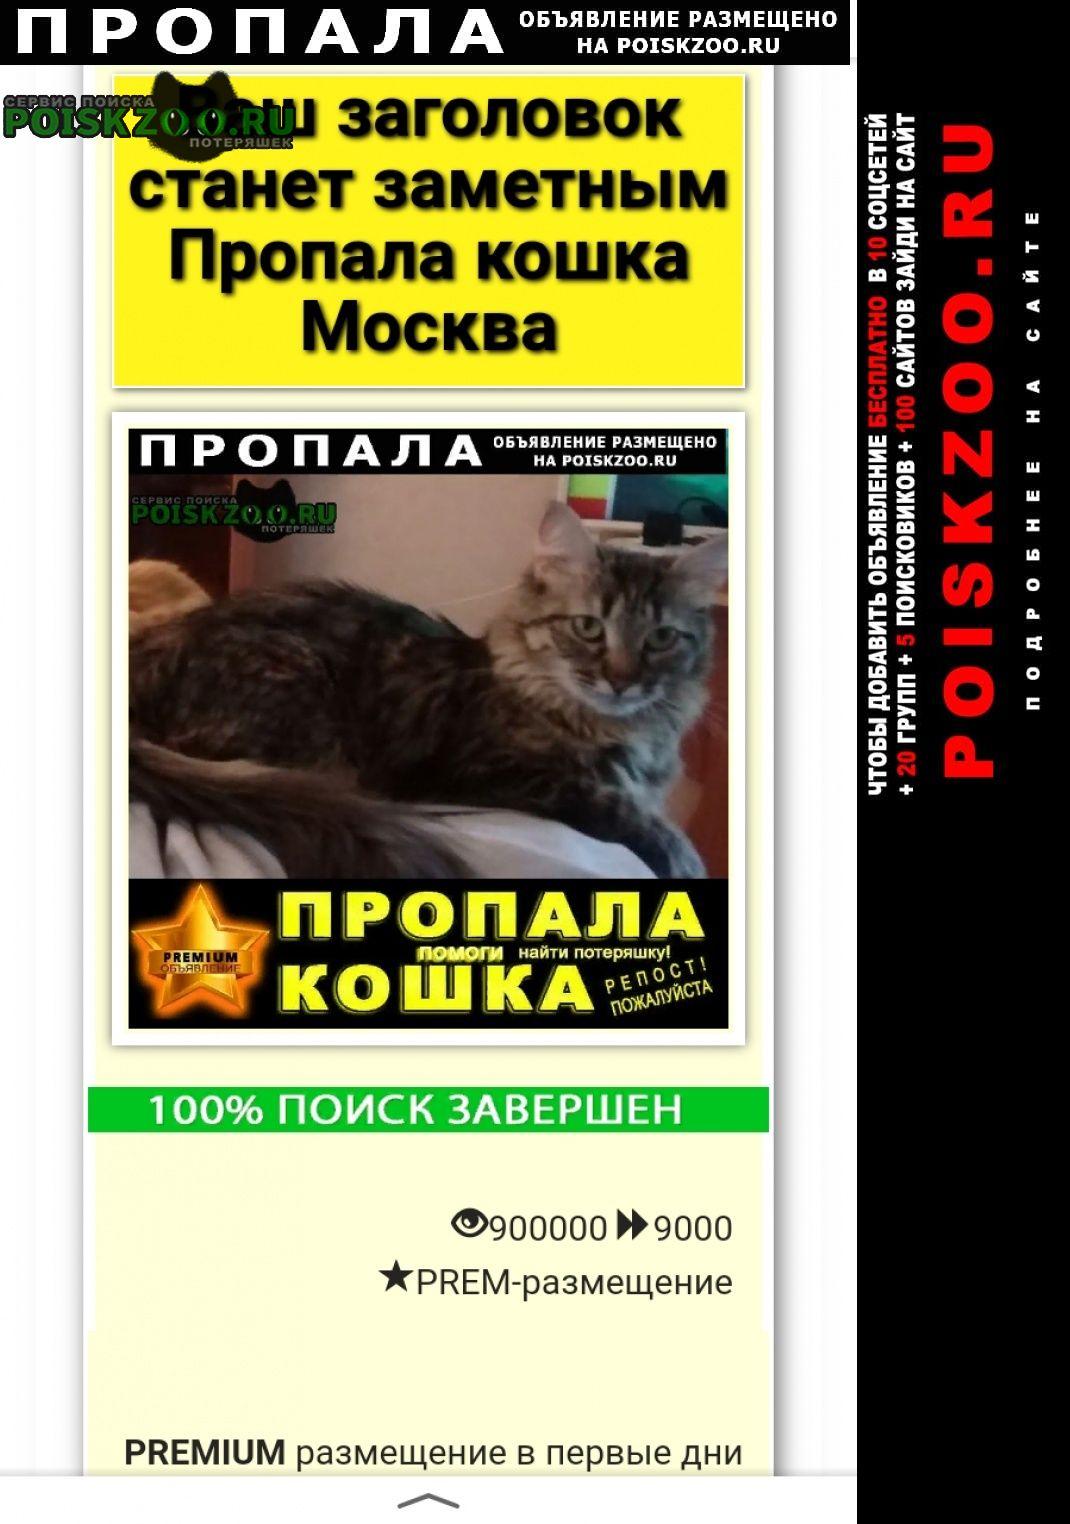 Пропала кошка на ул.островитянова 45 Москва